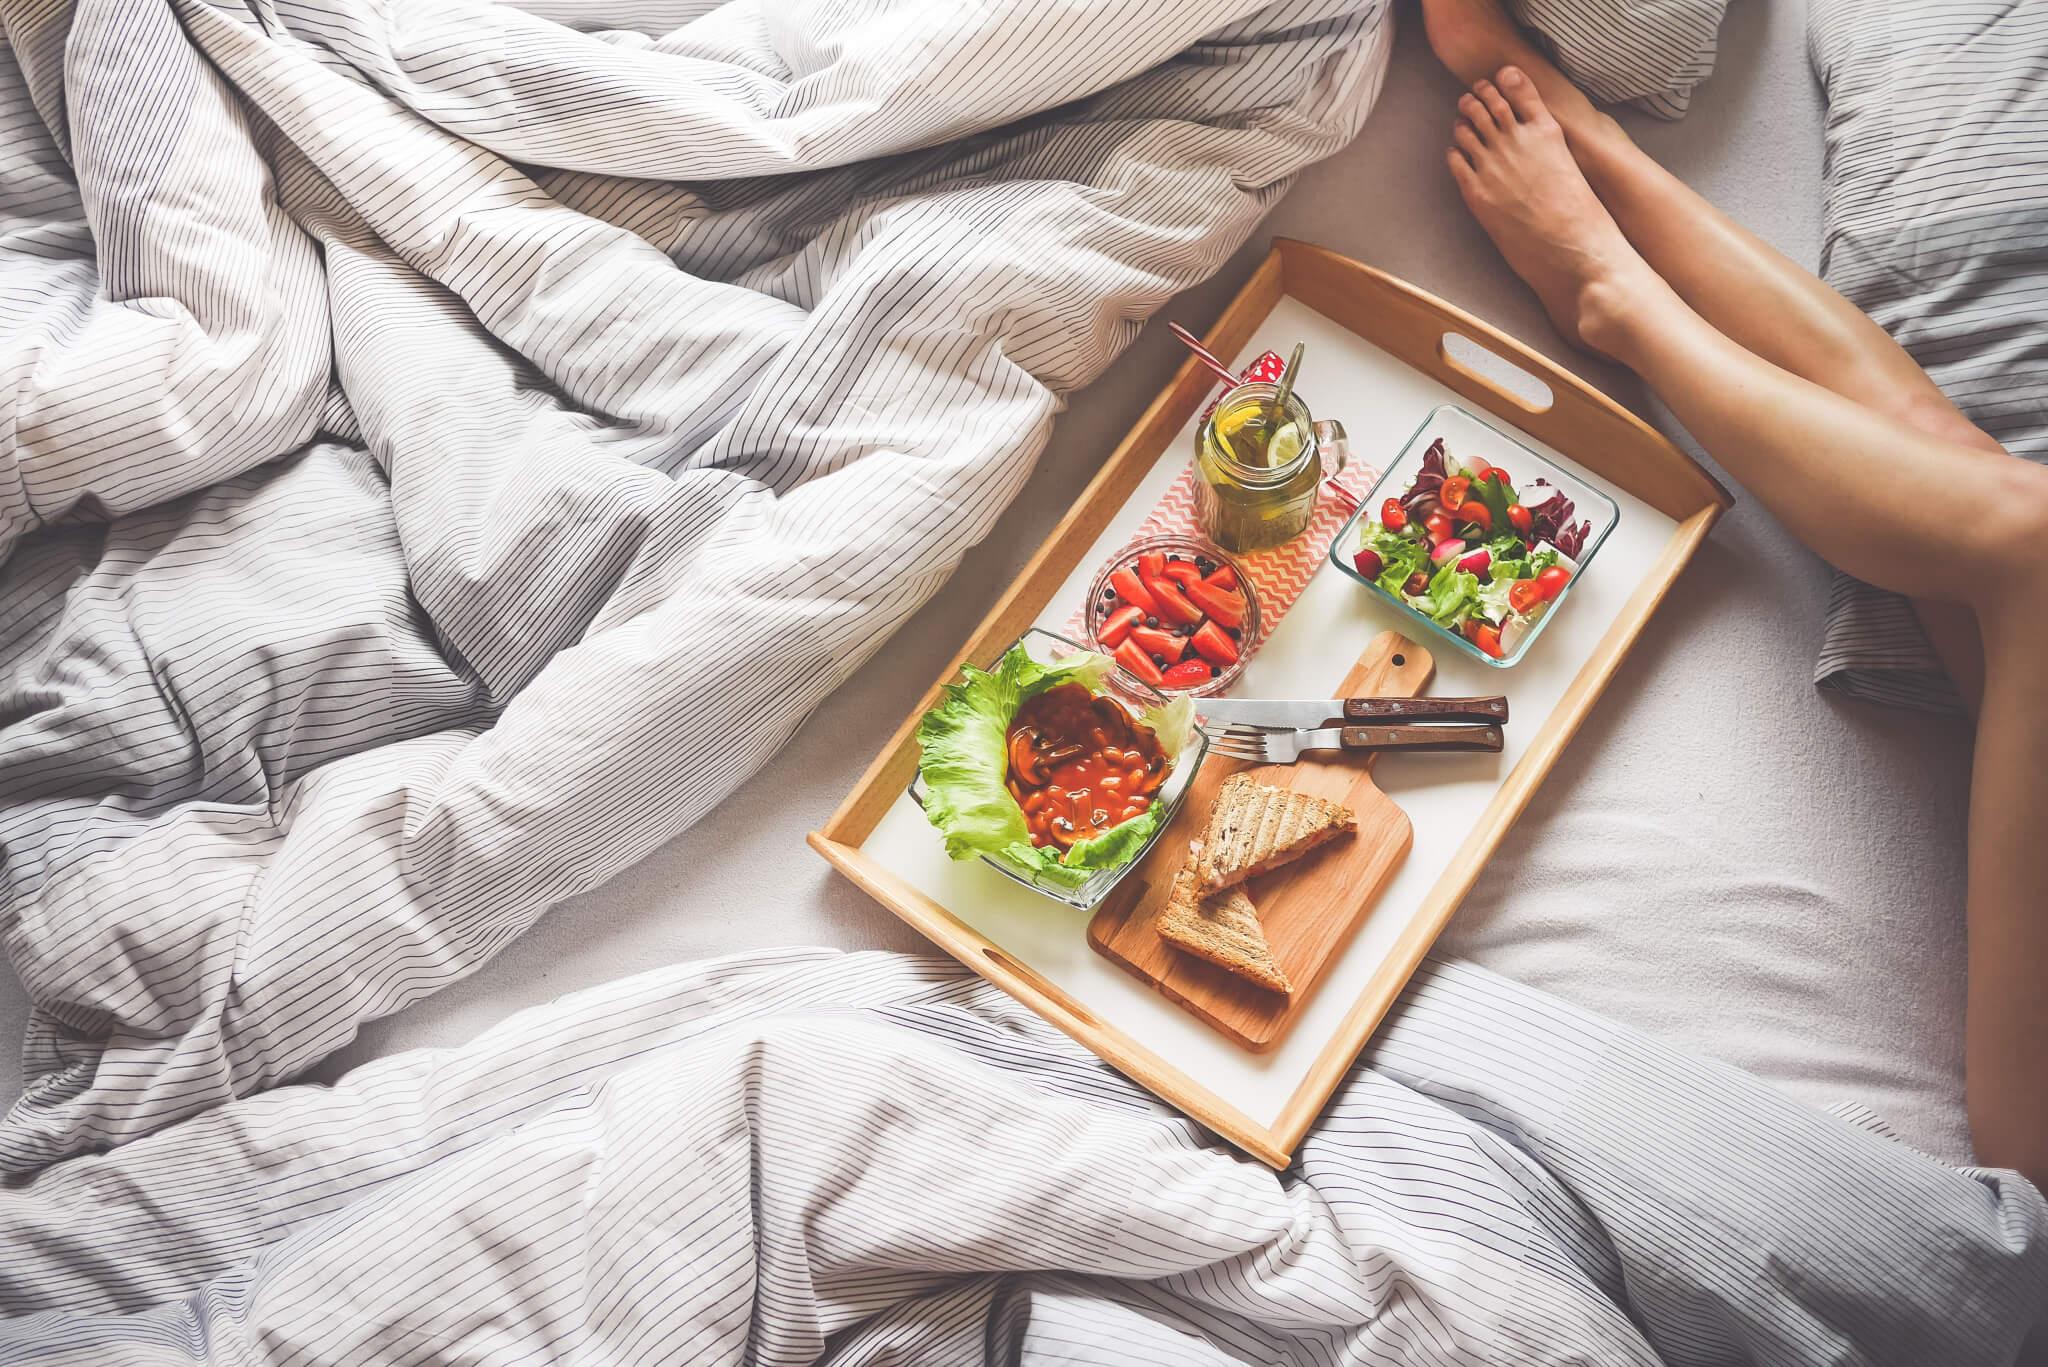 migliore colazione per la perdita di peso uk